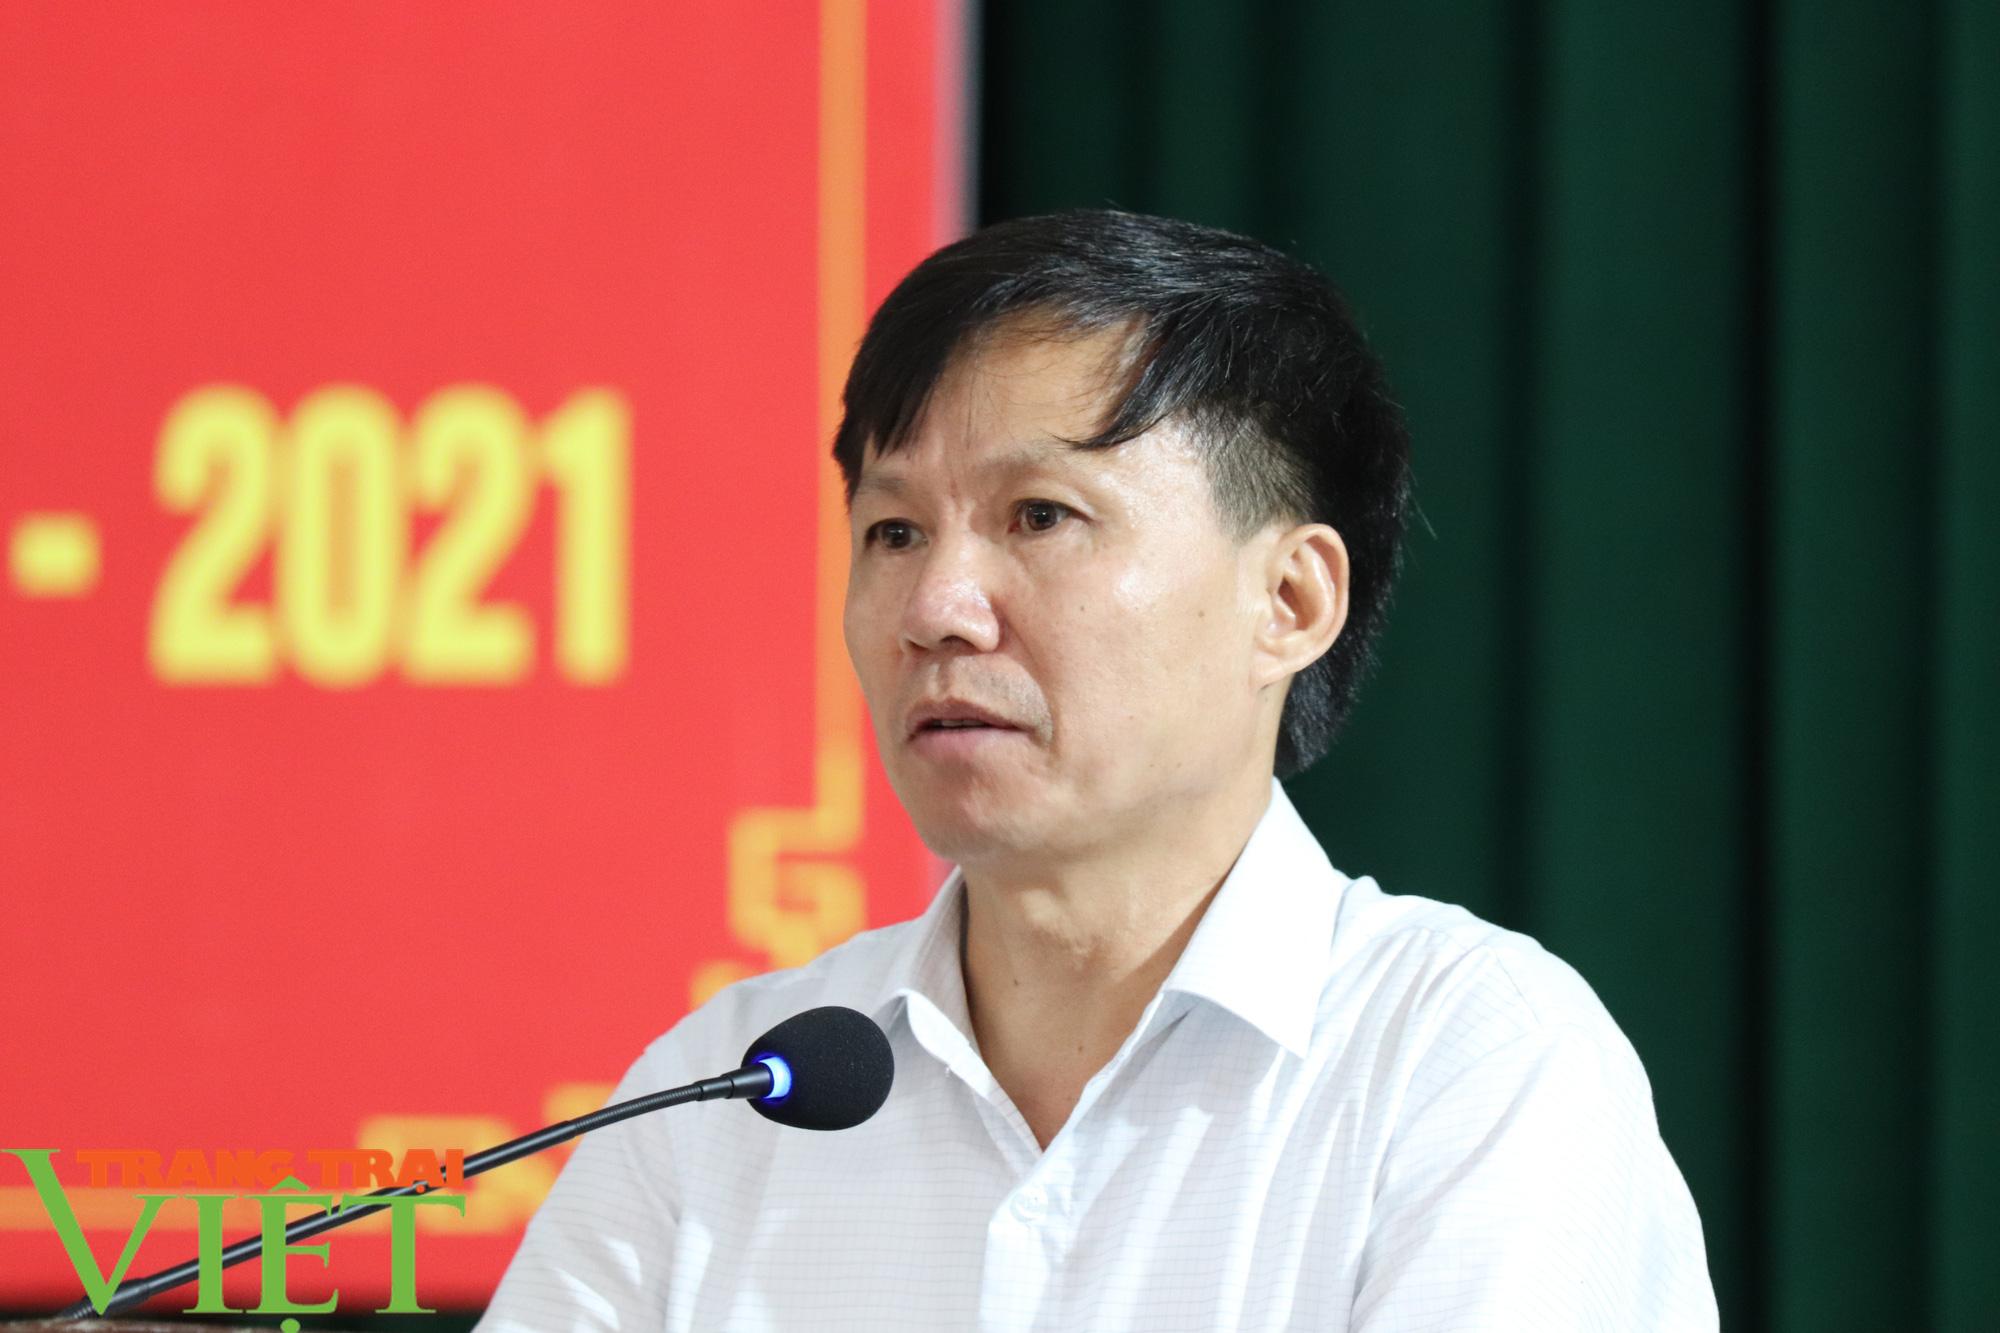 UBND huyện Phù Yên tổ chức Hội nghị tổng kết năm học 2019 – 2020 - Ảnh 2.